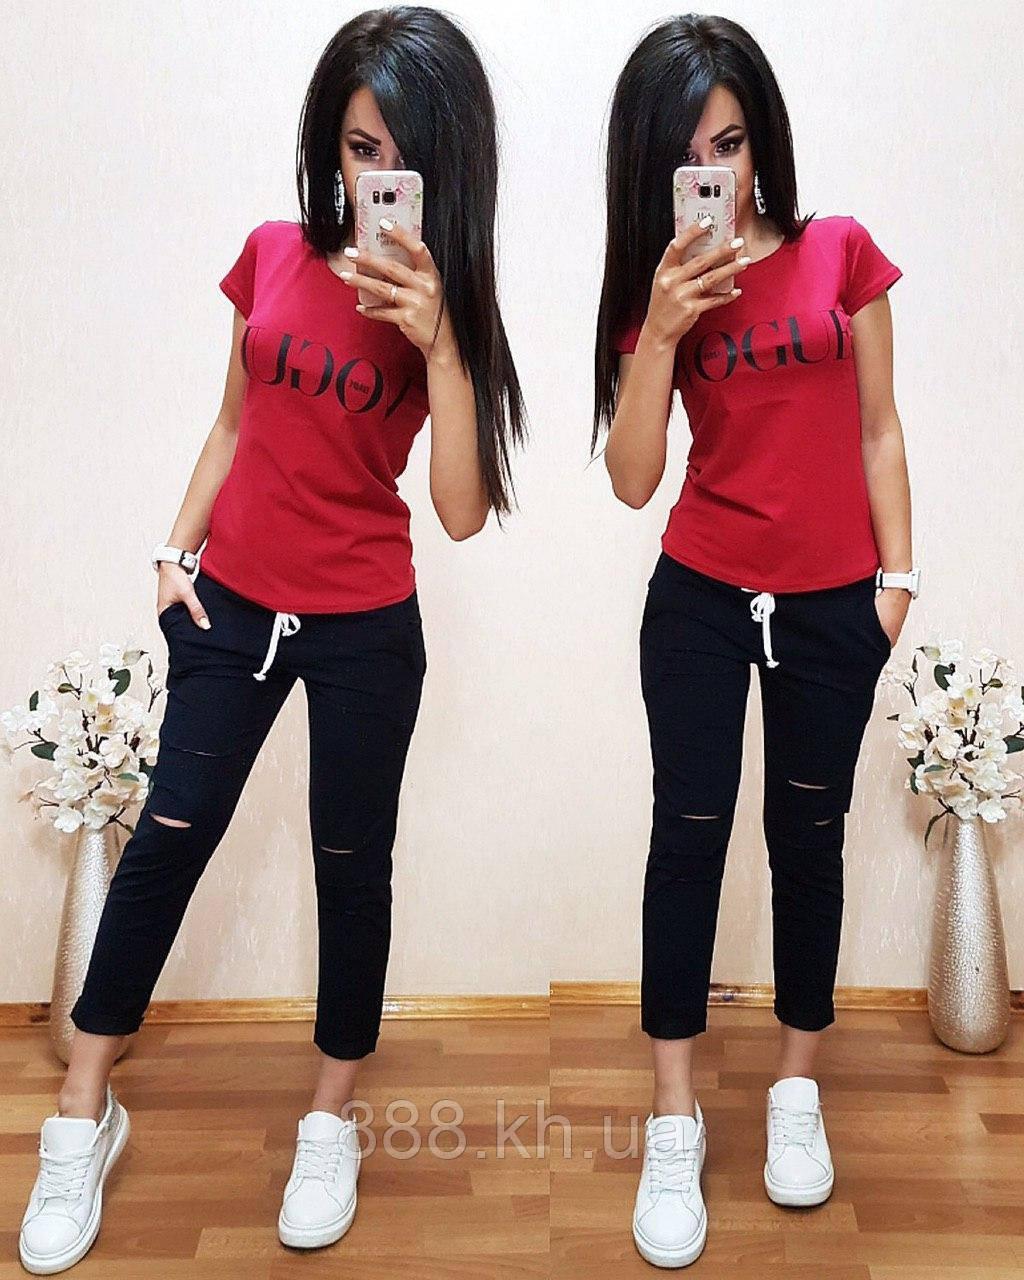 Легкая удобная женская футболка Vogue S/M/L/XL